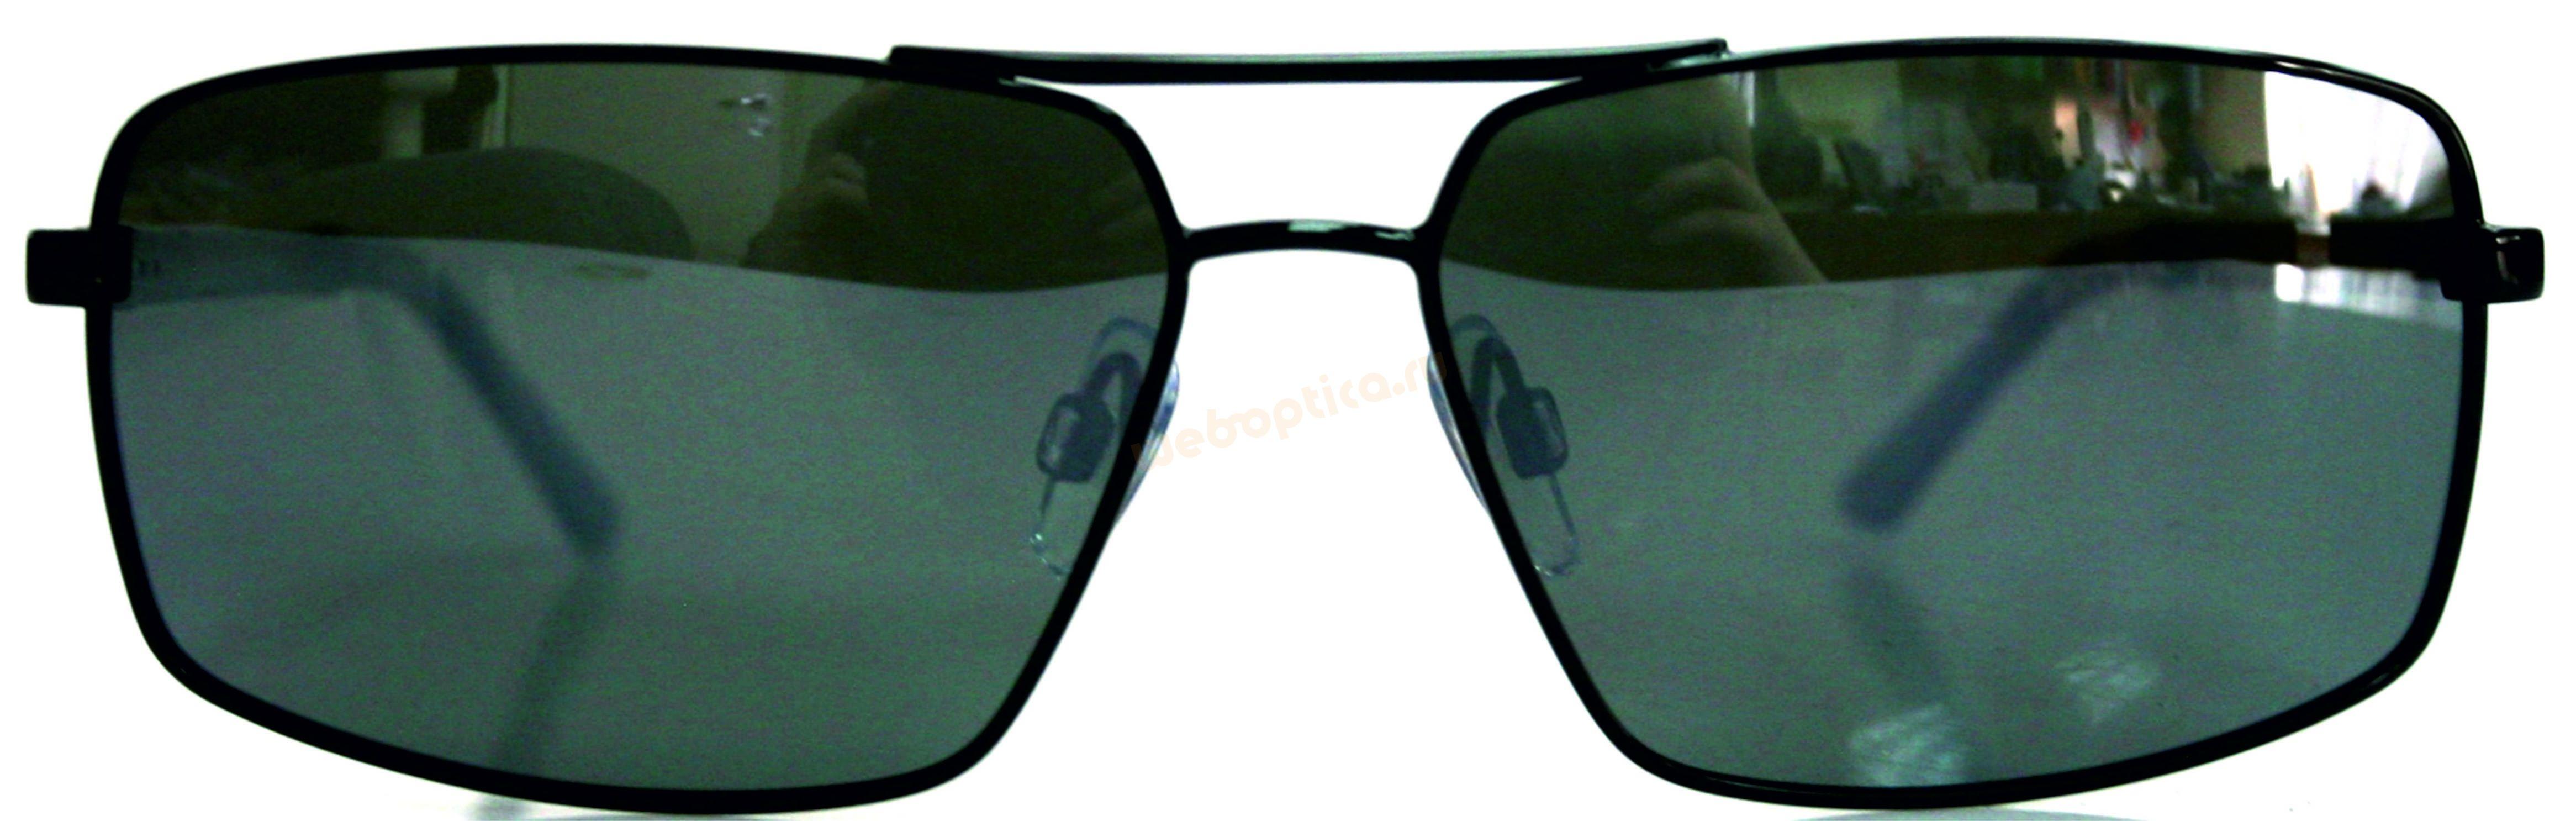 очки защитные открытые в перми